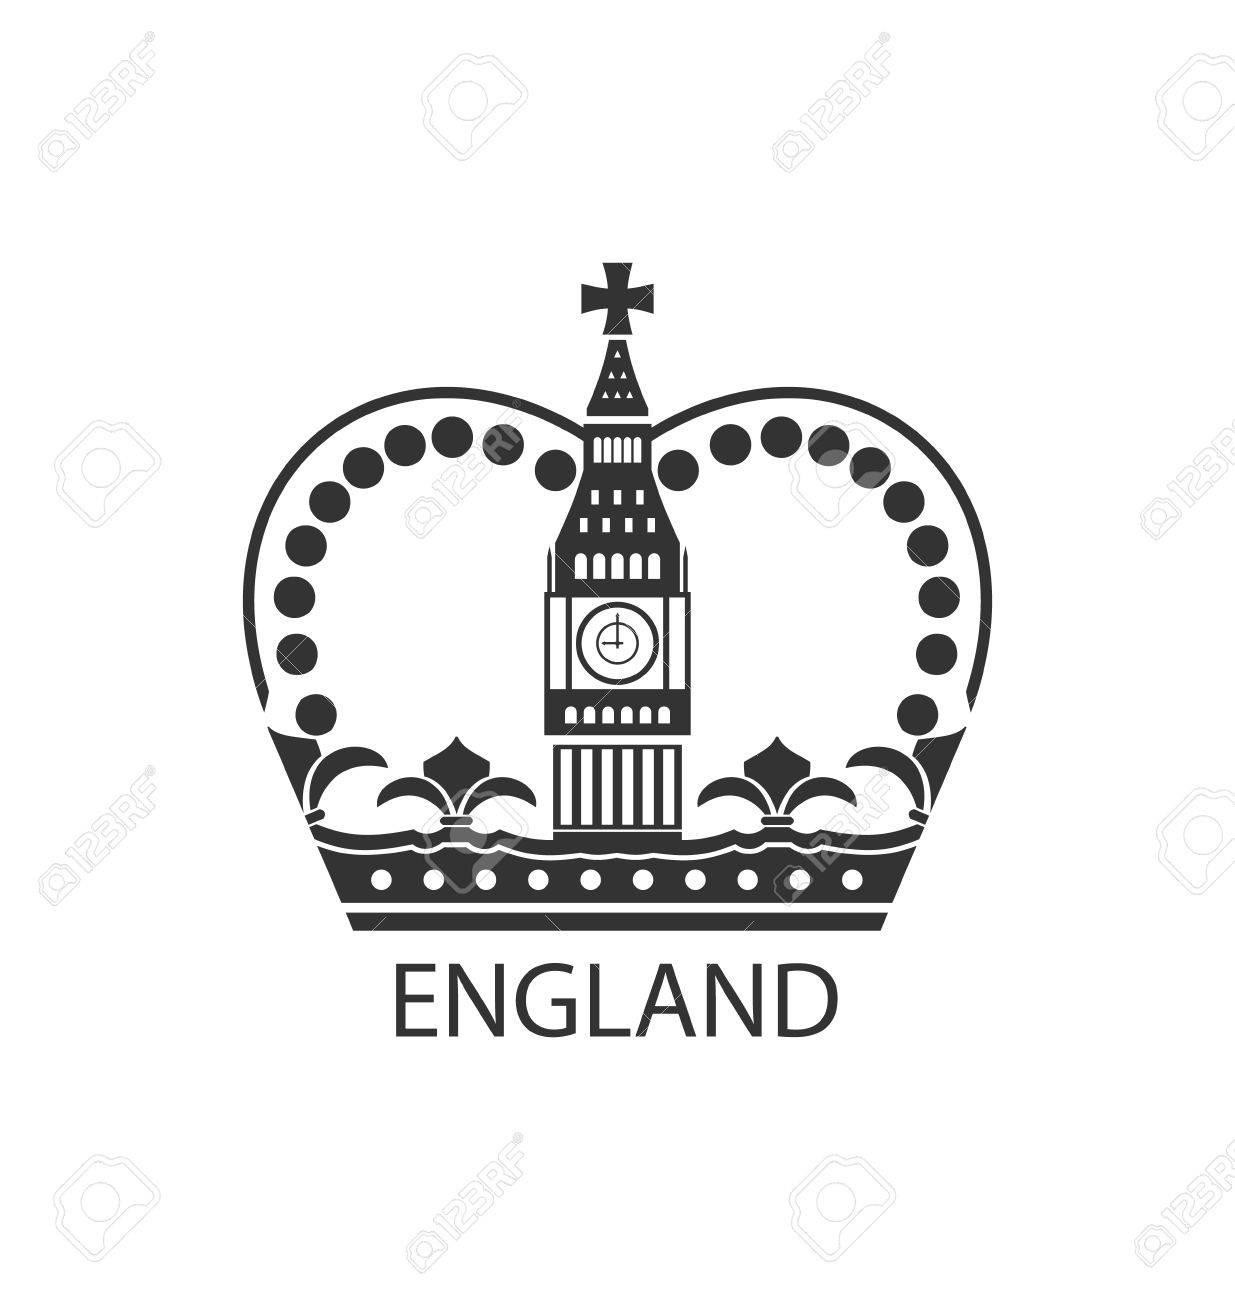 白地 ベクトル分離されたイギリスの王冠のイラストのコンセプトの